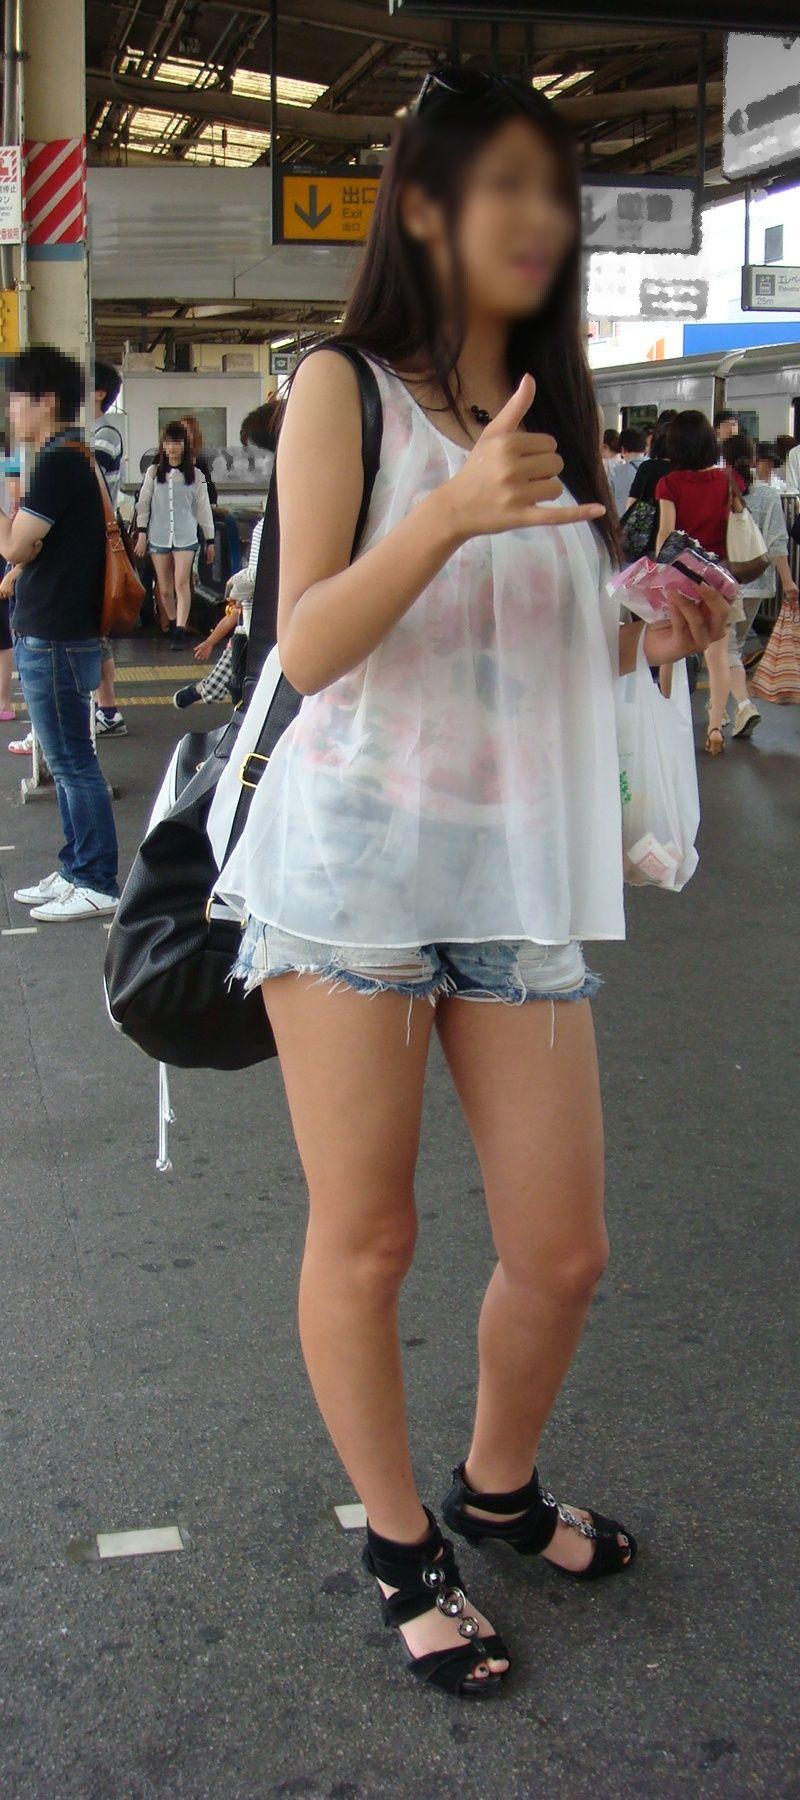 【街撮り美脚エロ画像】街中で見かけた美脚な女の子の画像集めたったwww 33